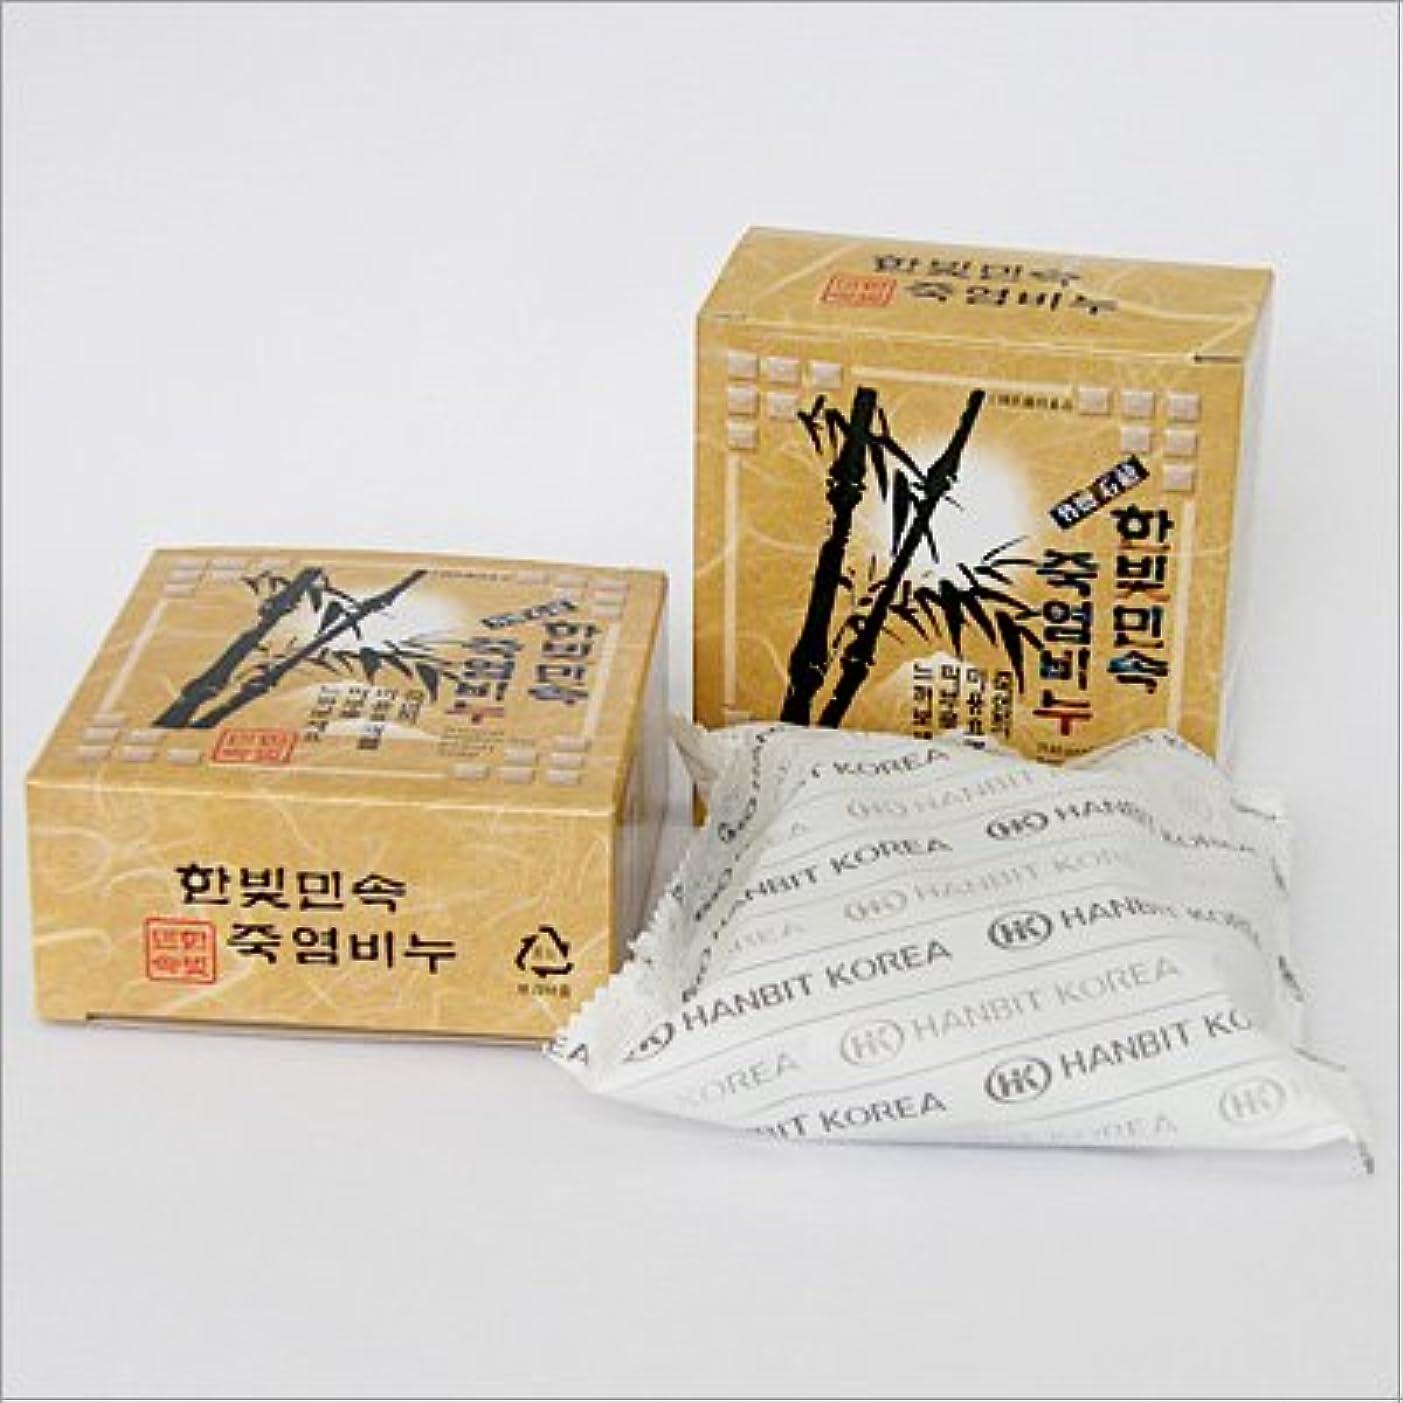 バッテリー権利を与えるアジア人(韓国ブランド) 韓国直輸入』竹塩石鹸(3個×5セット)